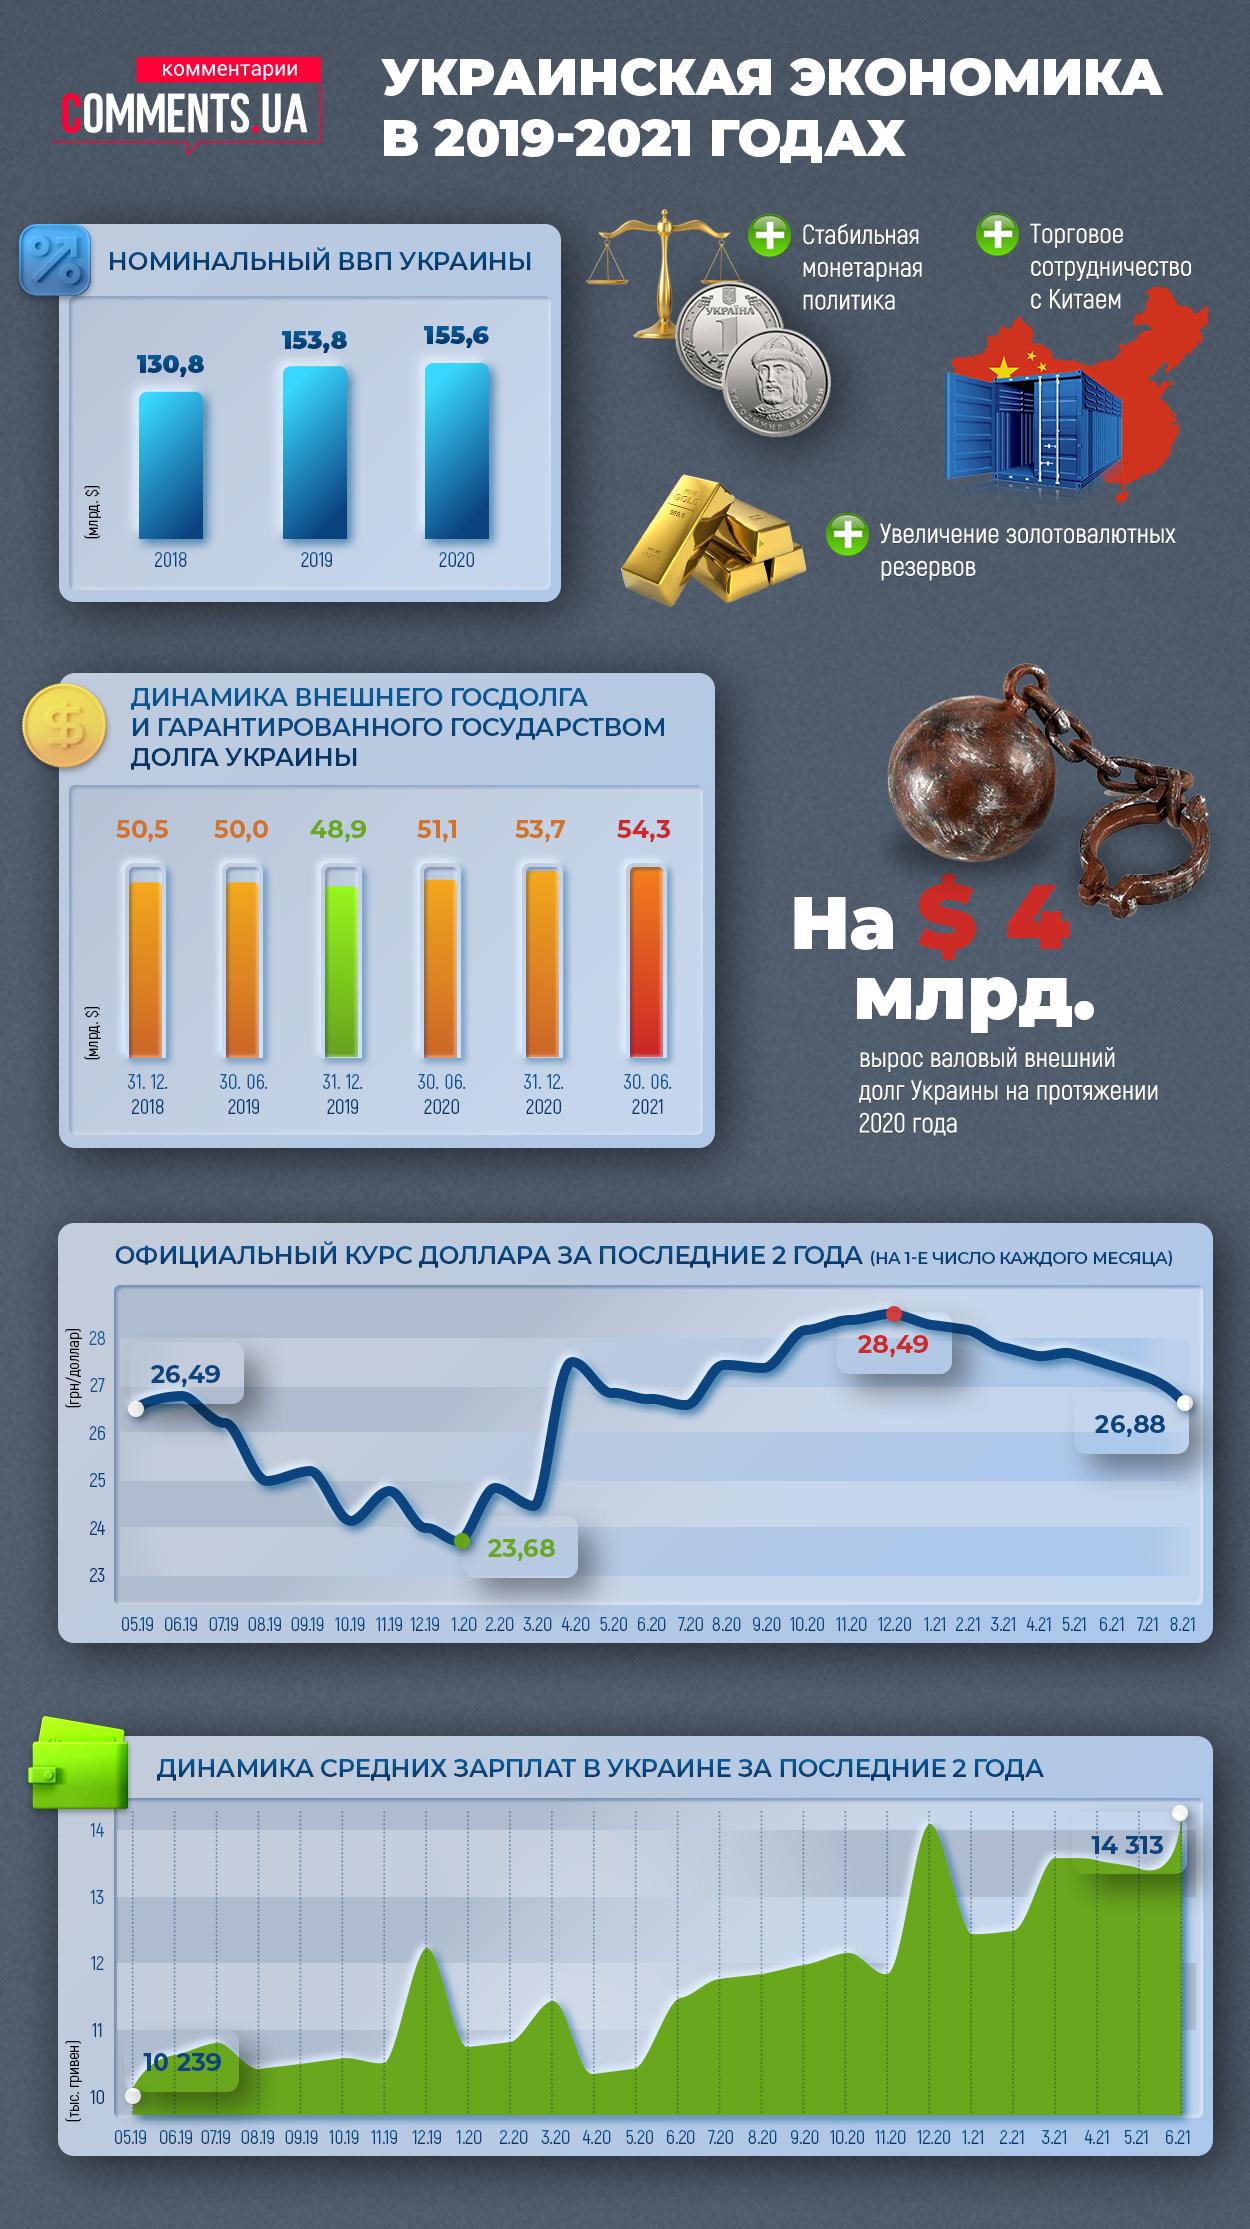 Украинская экономика в 2019-2021 годах: что-то снова пошло не так (Инфографика) - фото 2